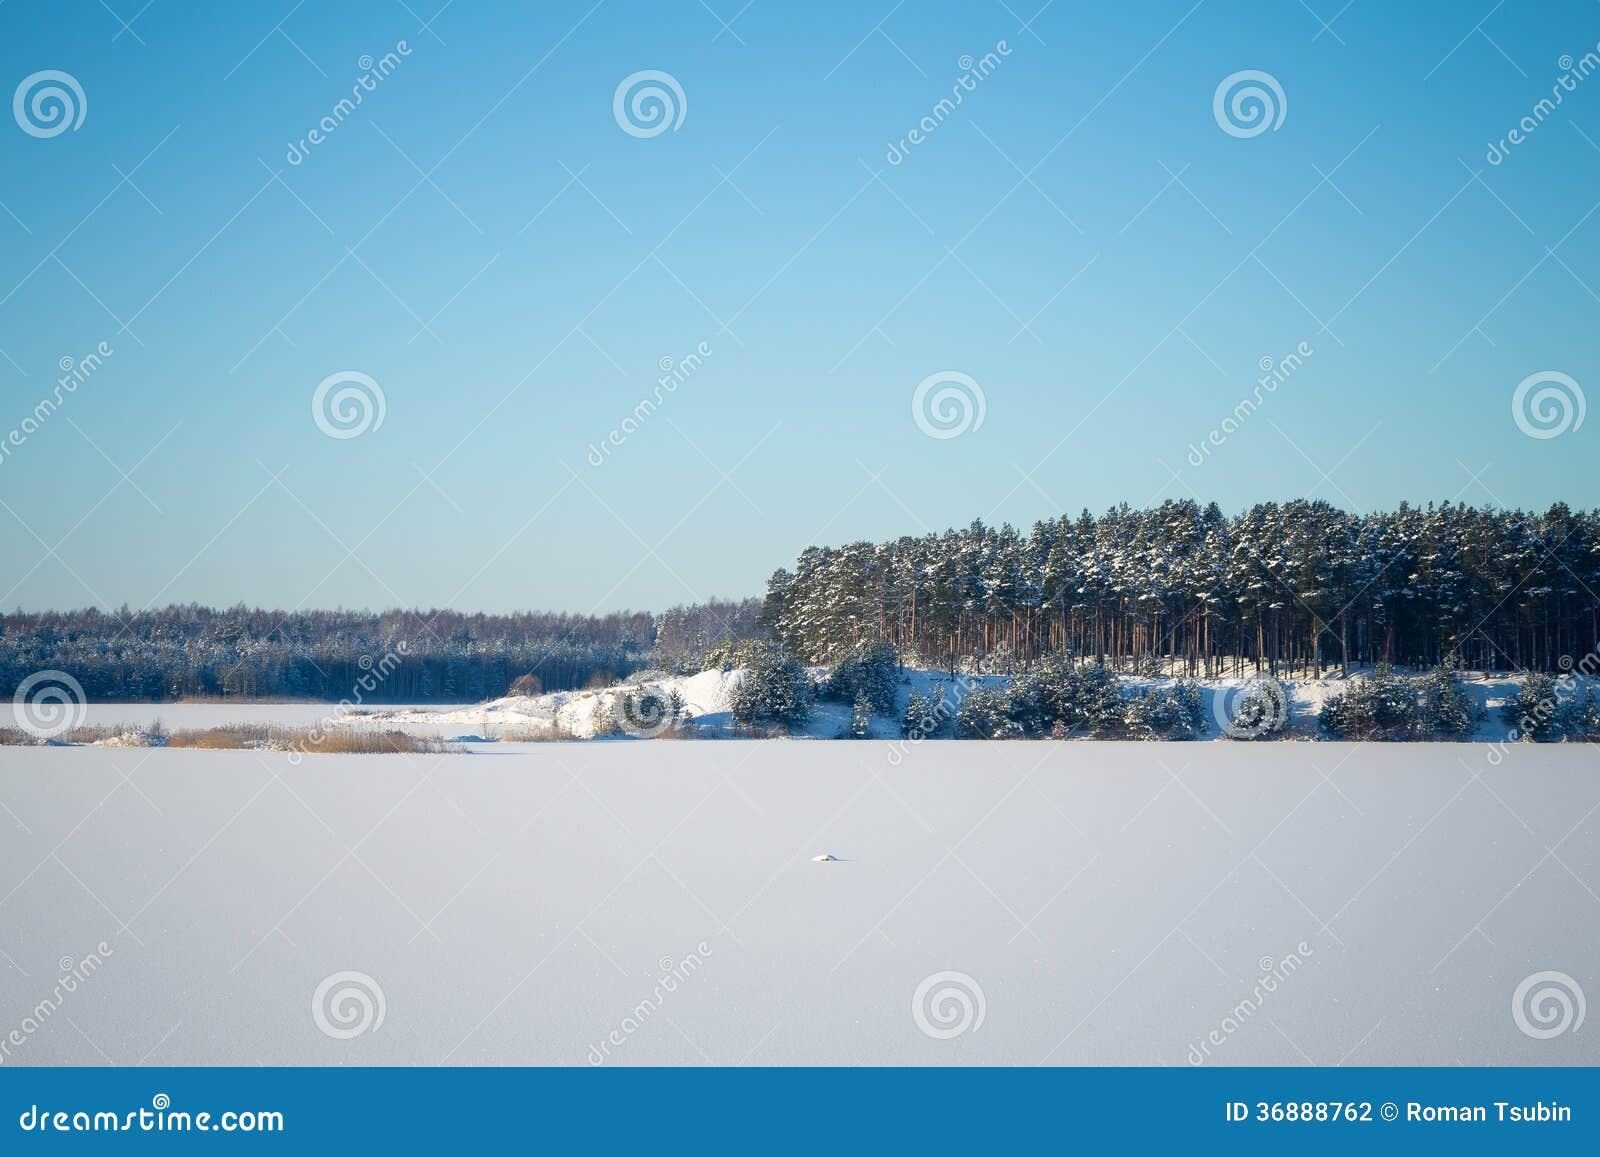 Download Lago Congelato Con Ghiaccio E Neve Fotografia Stock - Immagine di sole, percorso: 36888762